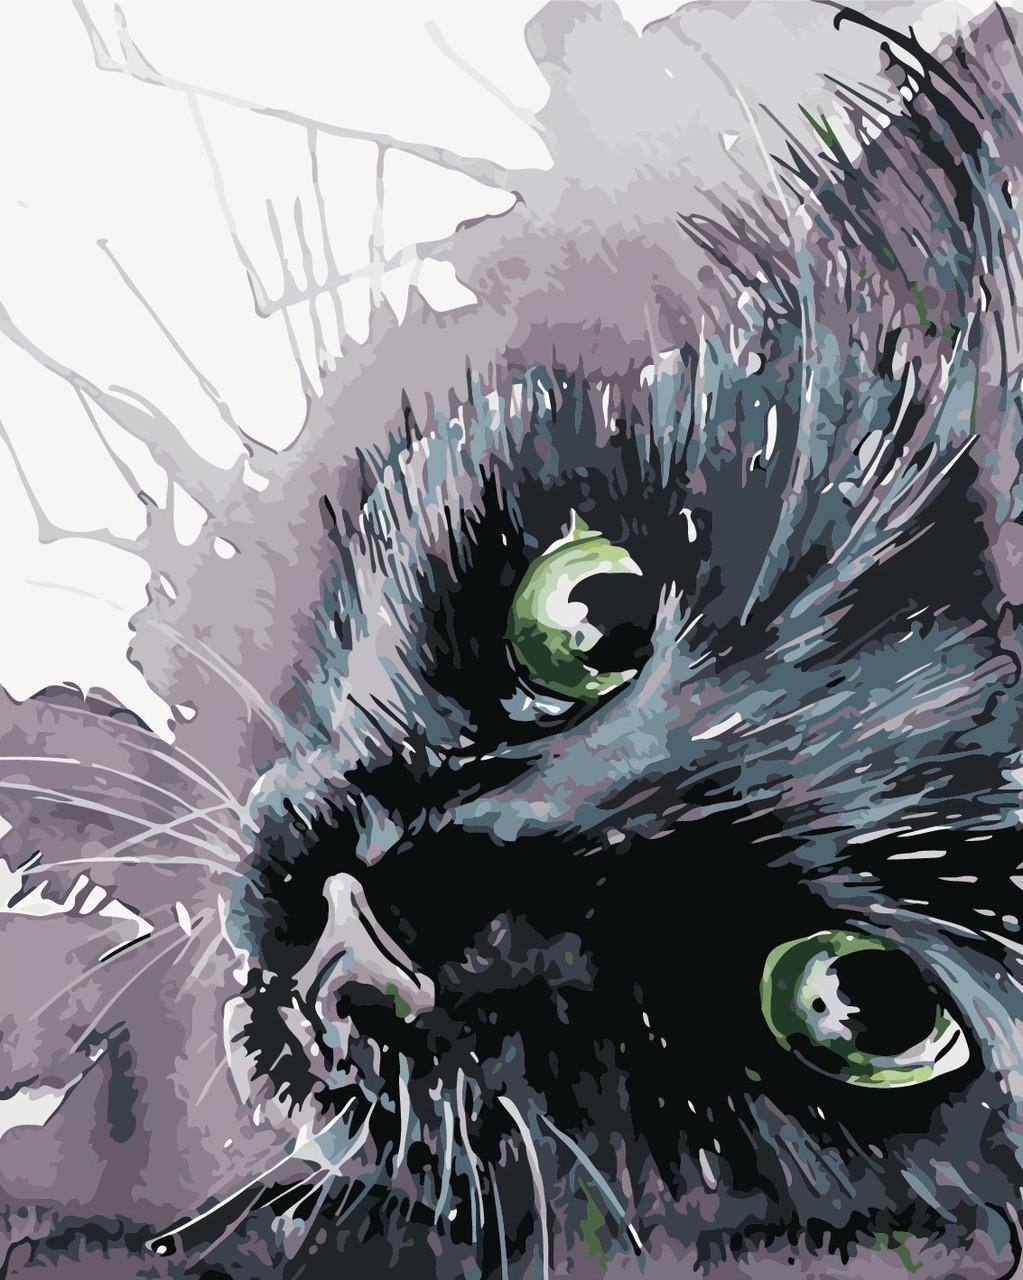 Художественный творческий набор, картина по номерам Чёрный кот, 40x50 см, «Art Story» (AS0416)